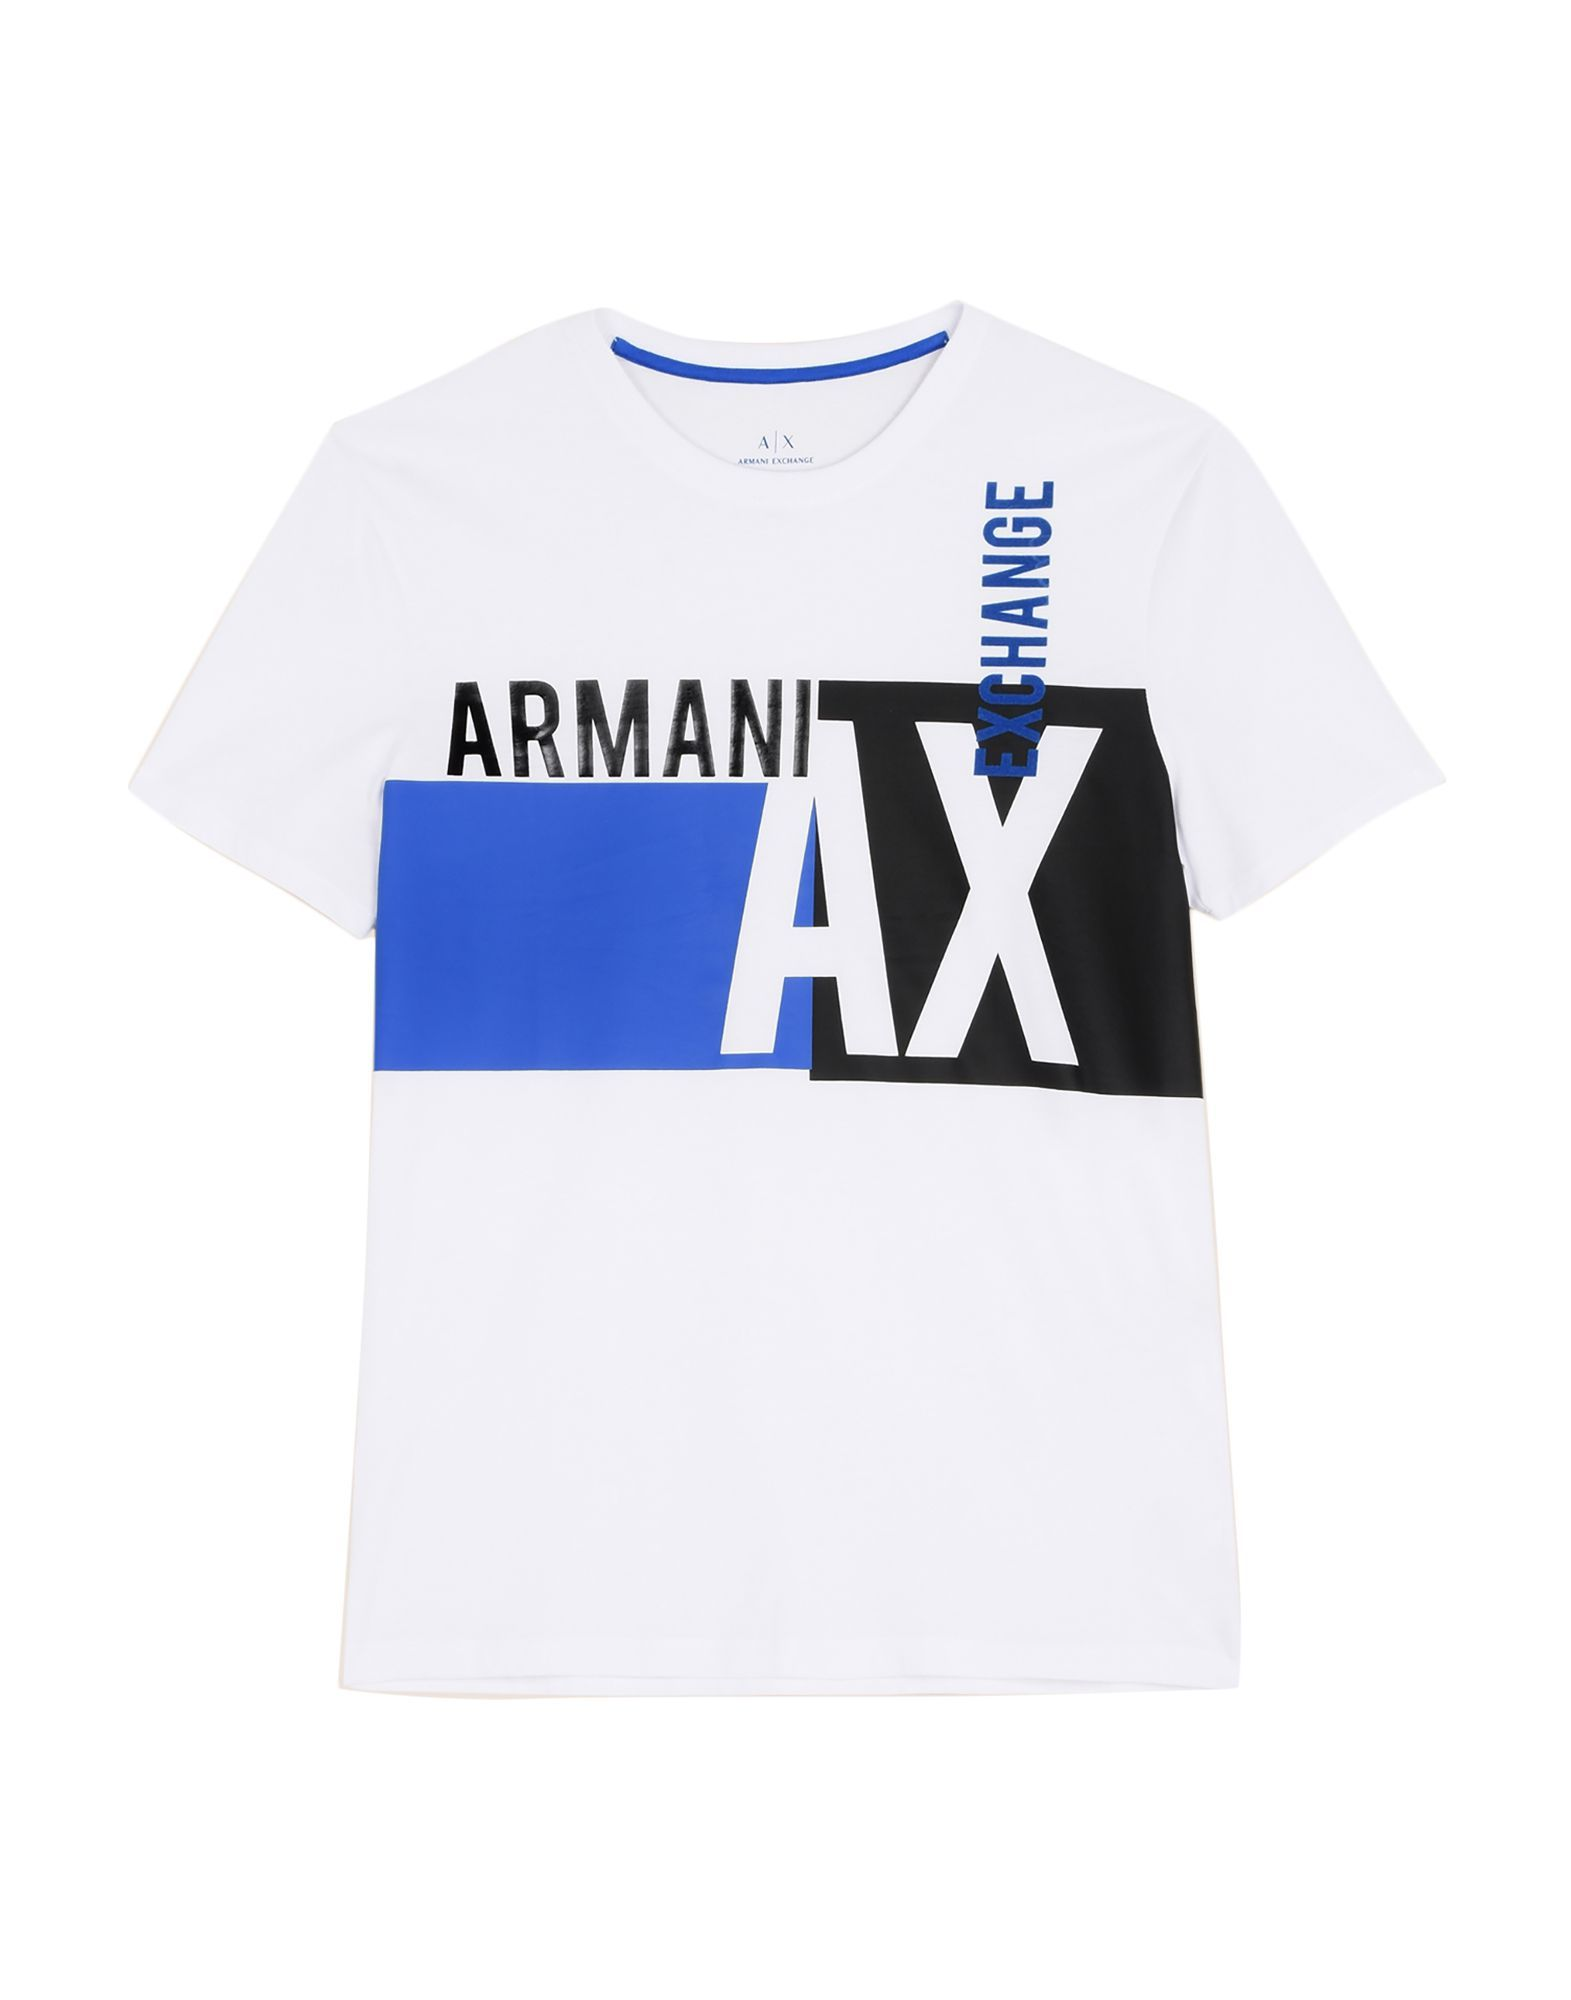 Shirt Exchange